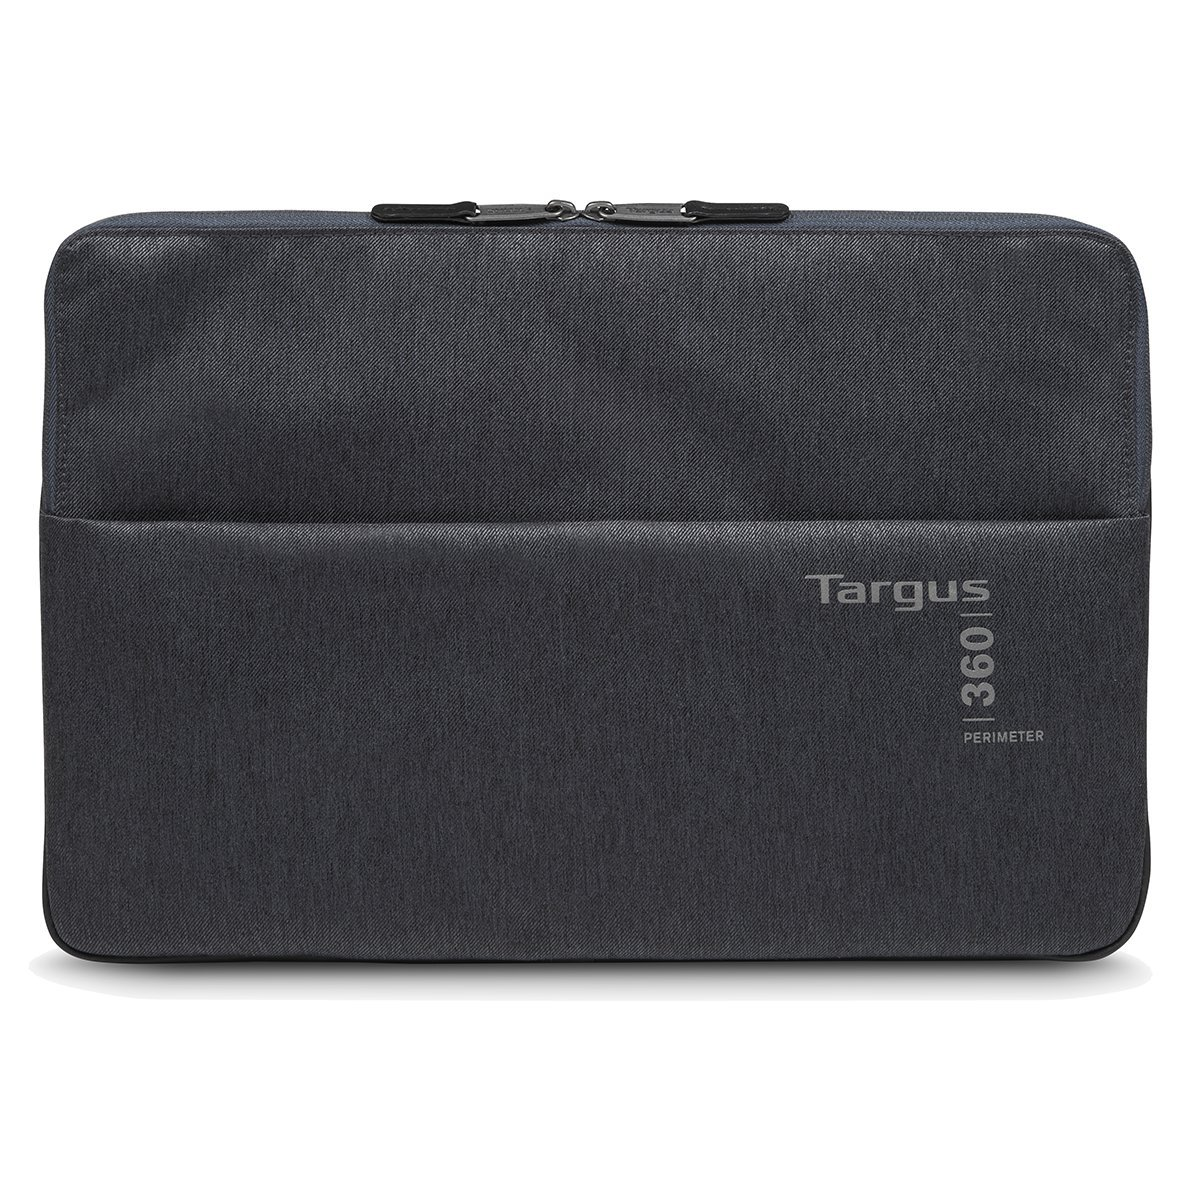 Targus 360 周边 15.6 英寸笔记本电脑内胆包 - 乌木色